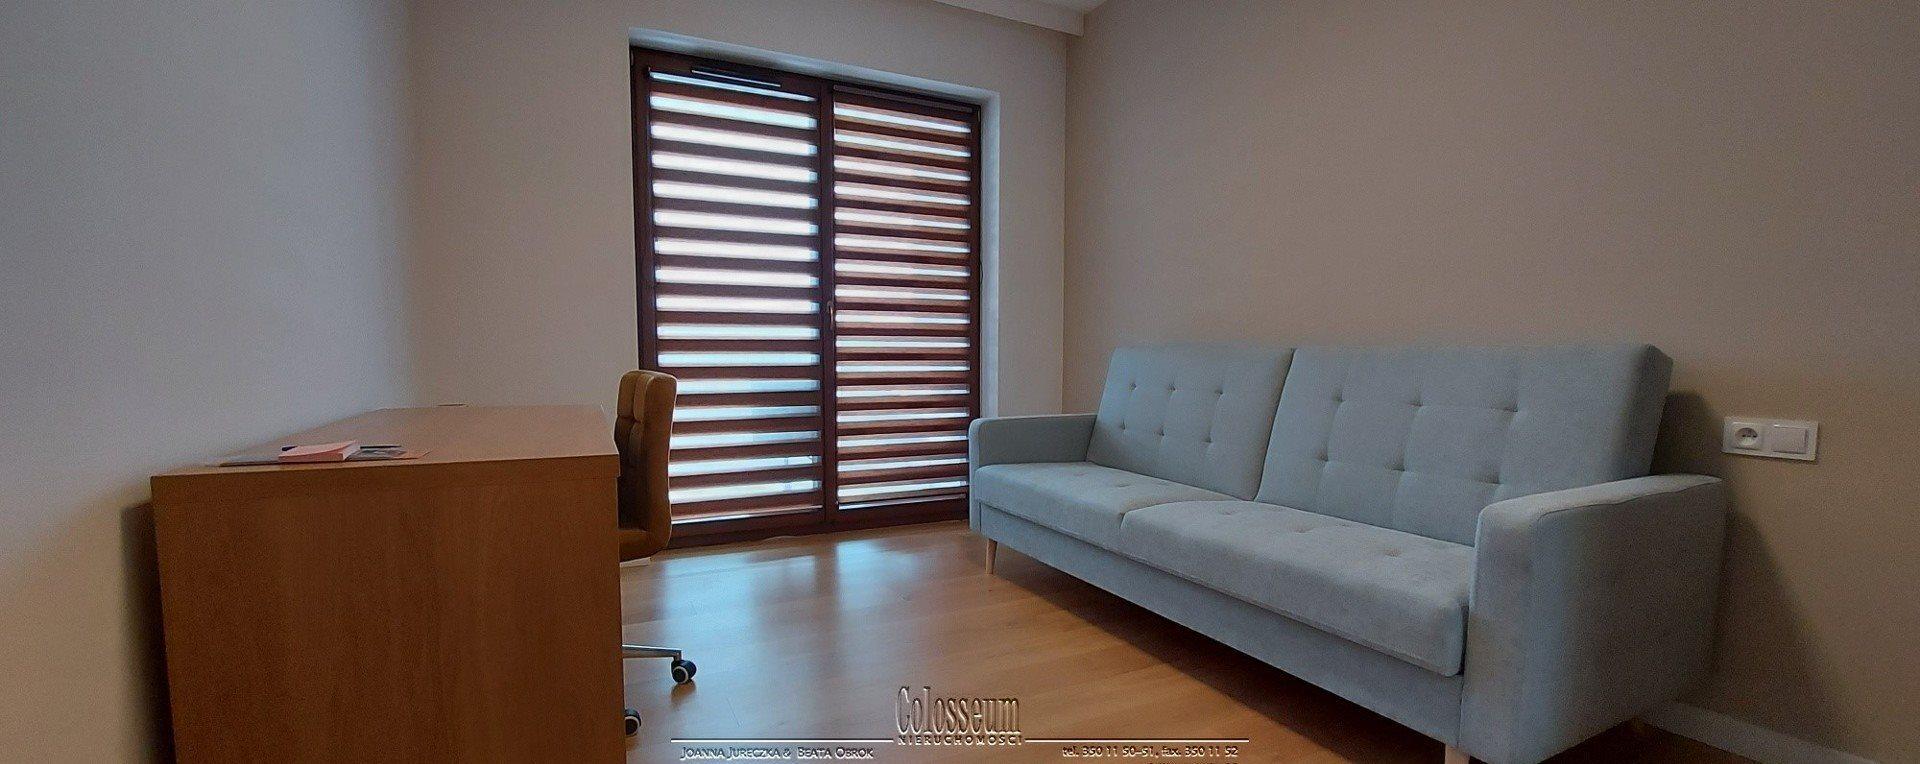 Mieszkanie dwupokojowe na sprzedaż Katowice, Dolina Trzech Stawów, Gen. Władysława Sikorskiego  59m2 Foto 9